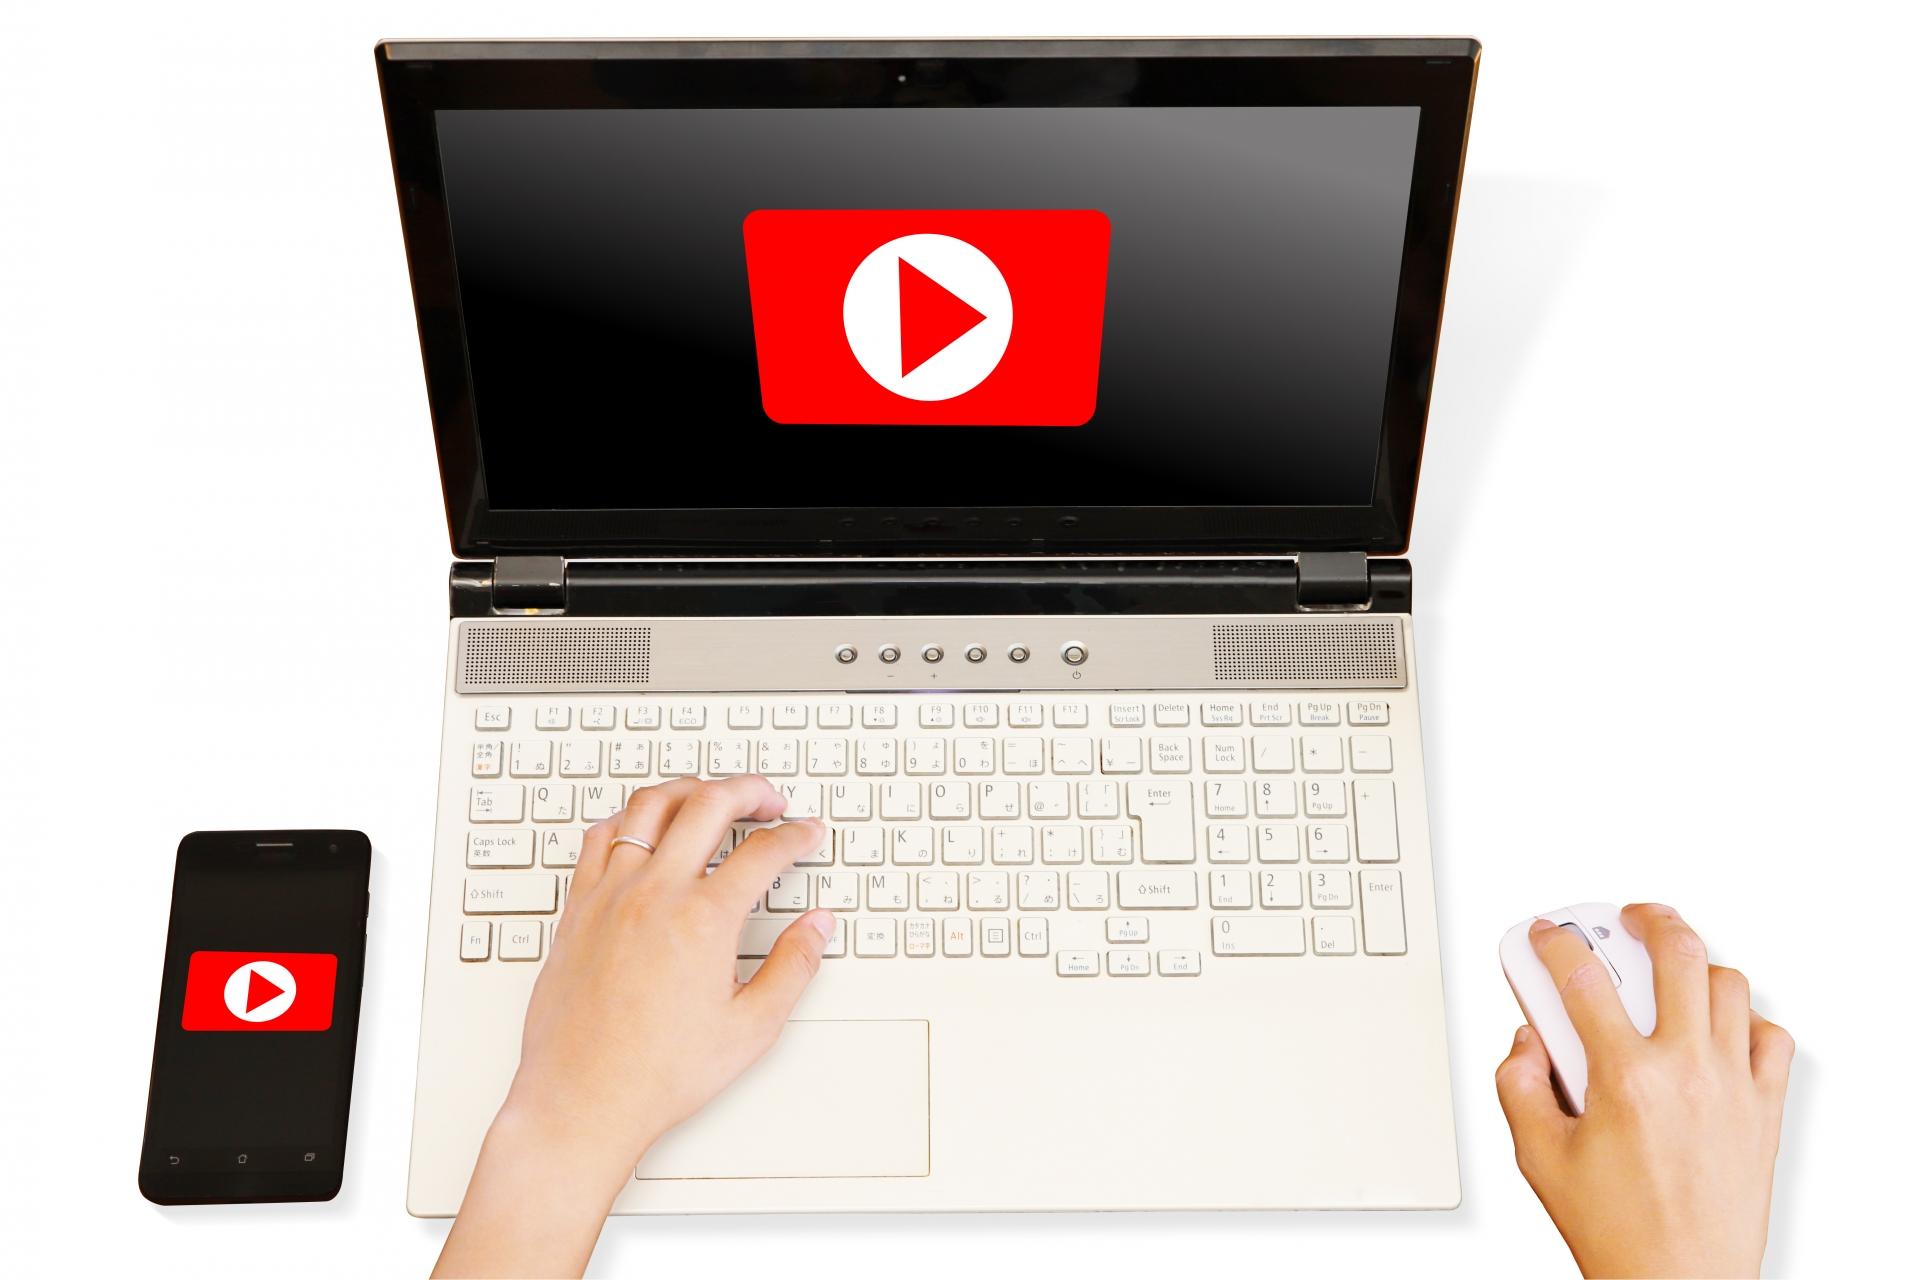 ドローンで空撮をした動画をYouTube(ユーチューブ)やInstagram(インスタグラム)に投稿する方法